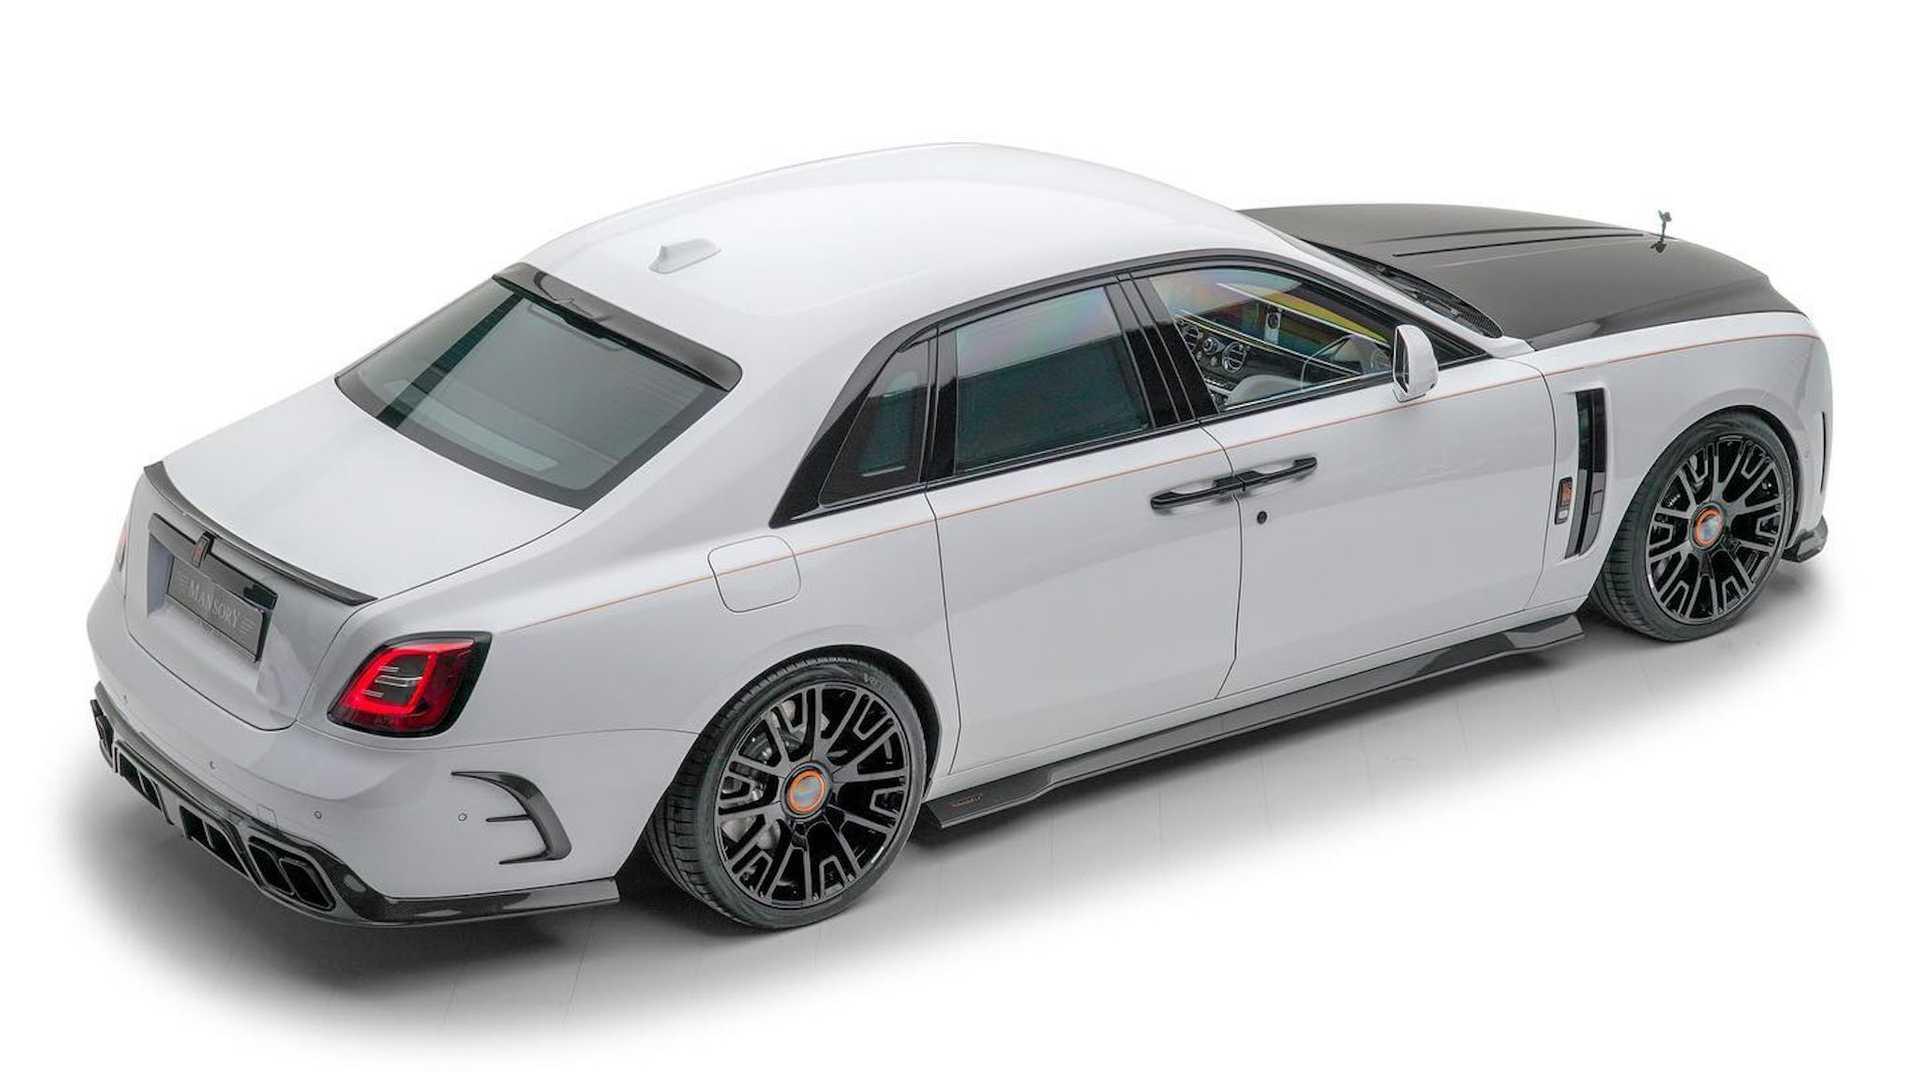 El Rolls-Royce Ghost de Mansory alcanza los 720 CV